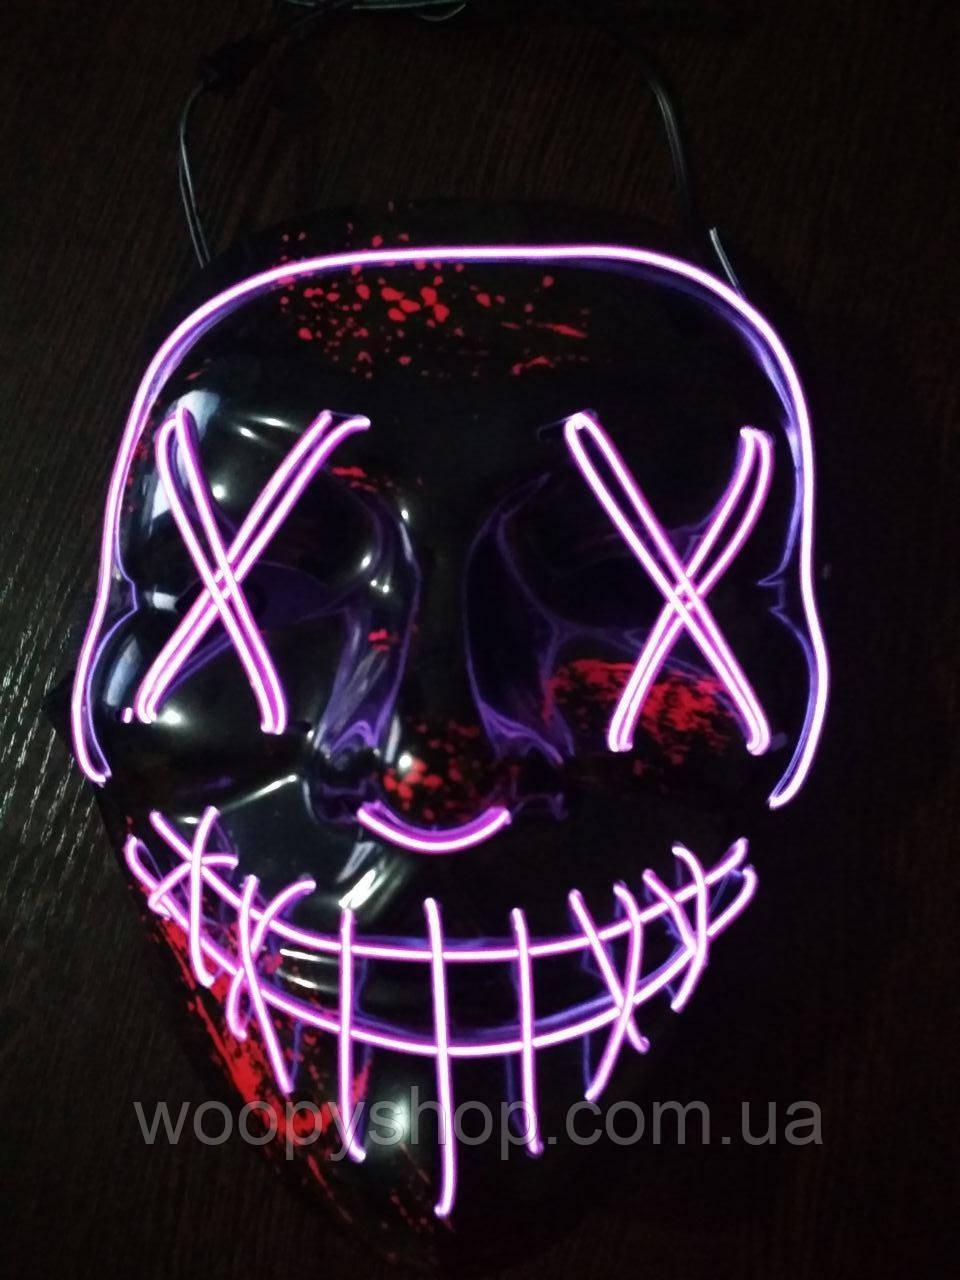 """SALE! Распродажа! Маска LED """"Судная ночь"""" фиолетовая. Вечеринка. Halloween"""